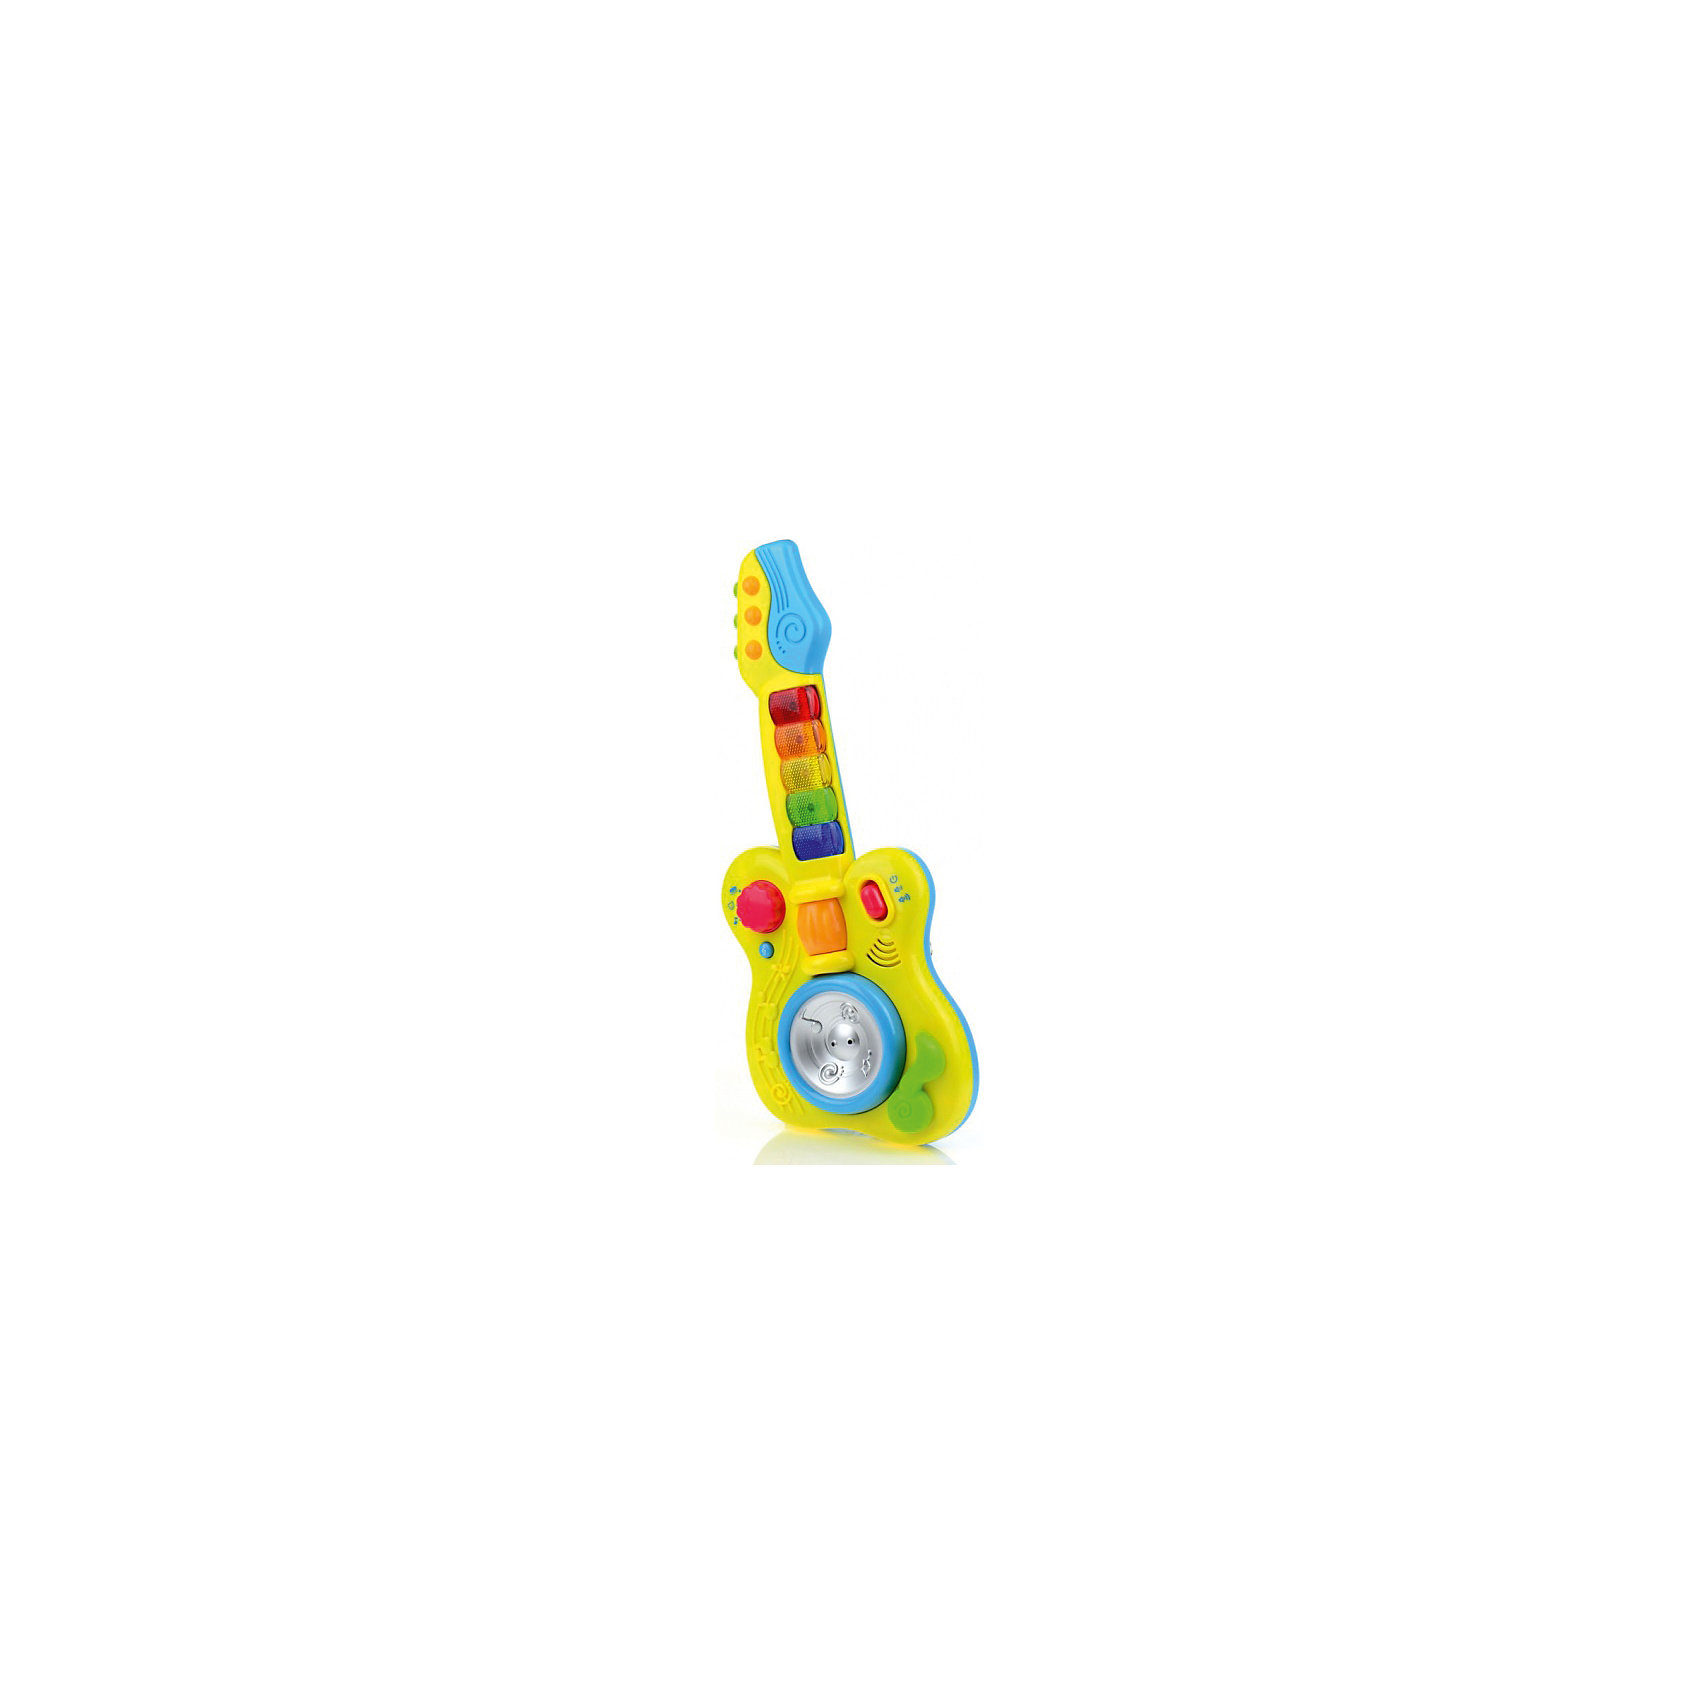 Развивающая игрушка Гитара, со светом и звуком, МалышарикиРазвивающая игрушка Гитара, со светом и звуком, Малышарики<br><br>Характеристики:<br><br>• воспроизводит мелодии<br>• кнопки со световыми эффектами<br>• материал: пластик<br>• высота гитары: 27 см<br>• размер упаковки: 24х3,5х56 см<br><br>Гитара - развивающая игрушка для малышей, изготовленная из прочного пластика. Ребенок сможет слушать веселые мелодии, фразы и звуки. Для этого нужно лишь нажать на кнопки, оснащенные световым эффектом или покрутить диск в центре гитары. Игра поможет развить тактильное восприятие и мелкую моторику. Игрушка имеет яркий дизайн, который придется по вкусу любому ребенку!<br><br>Развивающую игрушку Гитара, со светом и звуком, Малышарики вы можете купить в нашем интернет-магазине.<br><br>Ширина мм: 400<br>Глубина мм: 165<br>Высота мм: 60<br>Вес г: 544<br>Возраст от месяцев: 12<br>Возраст до месяцев: 36<br>Пол: Унисекс<br>Возраст: Детский<br>SKU: 4342853